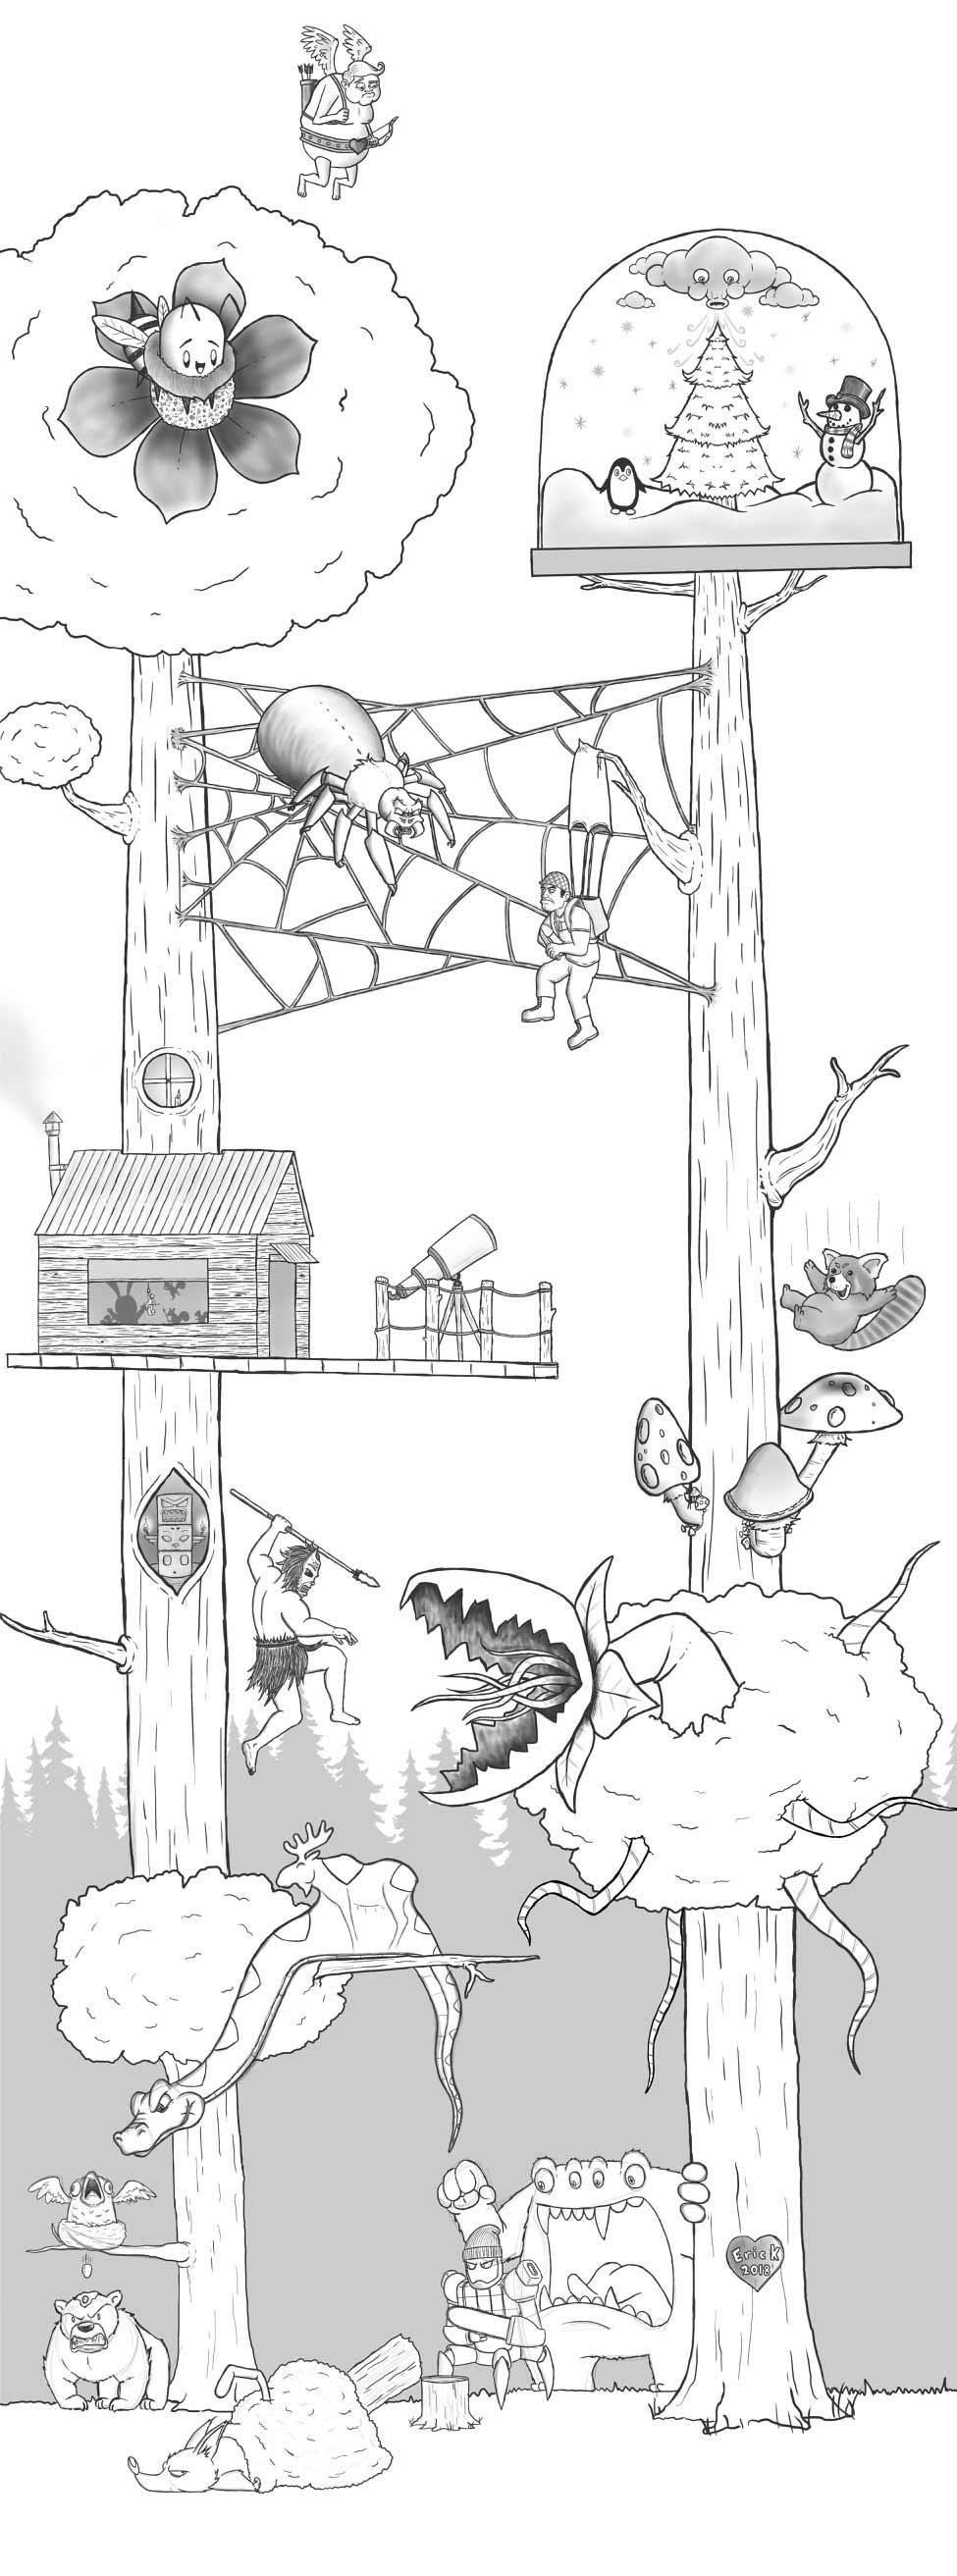 Eric Keledjian hat dieser Zeichnung jeden Tag eine Figur hinzugefügt Eric-Keledjian_19-tage-zeichnung_18